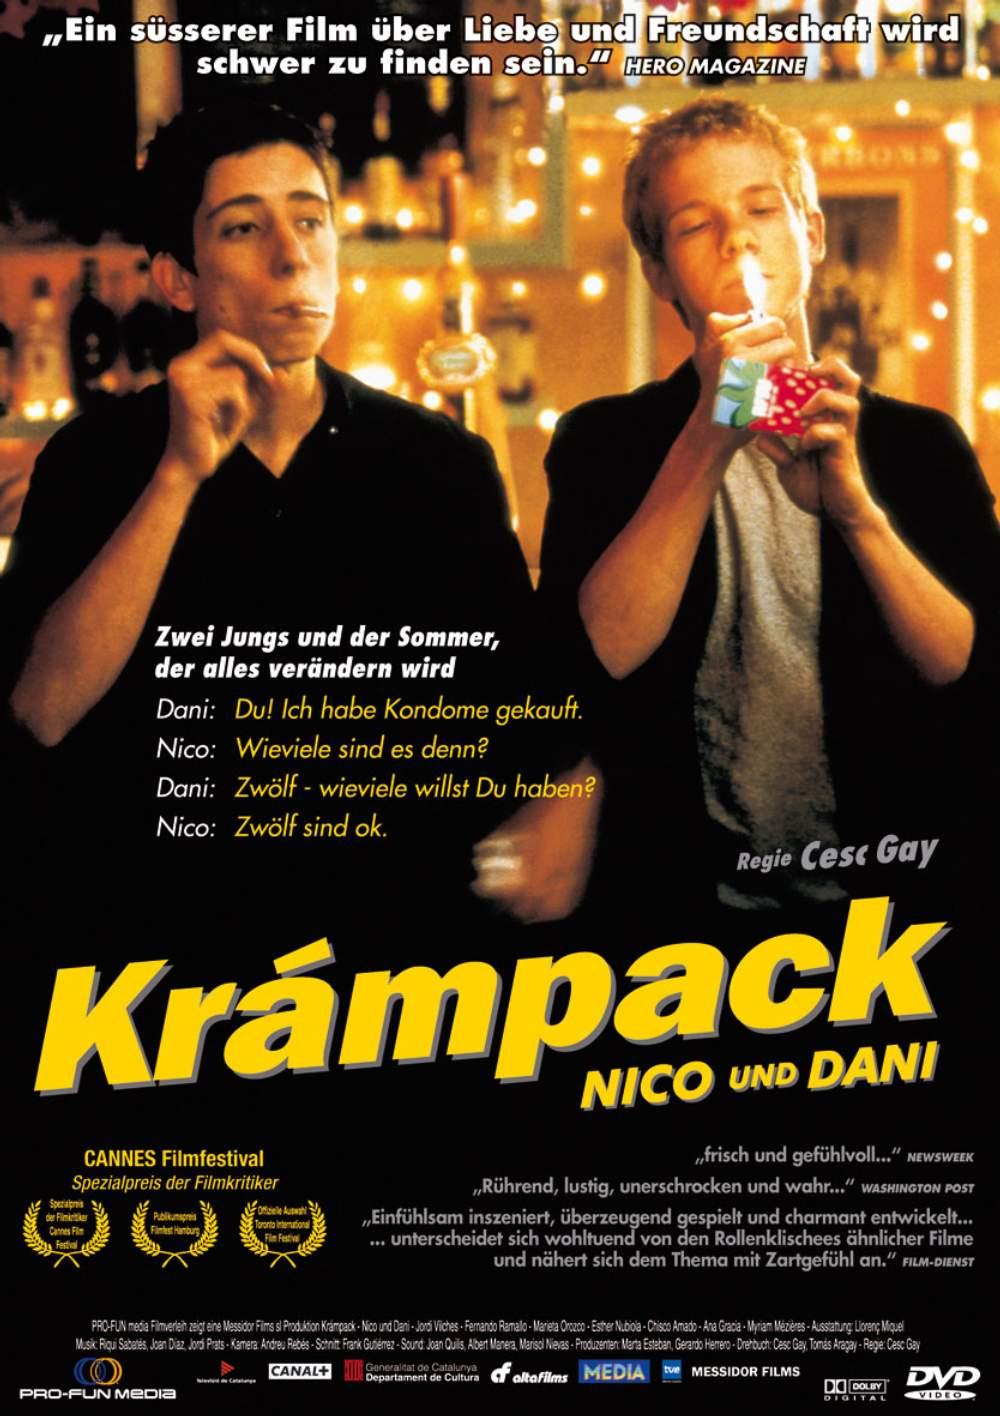 MARABOUT DES FILMS DE CINEMA  - Page 3 Krampack